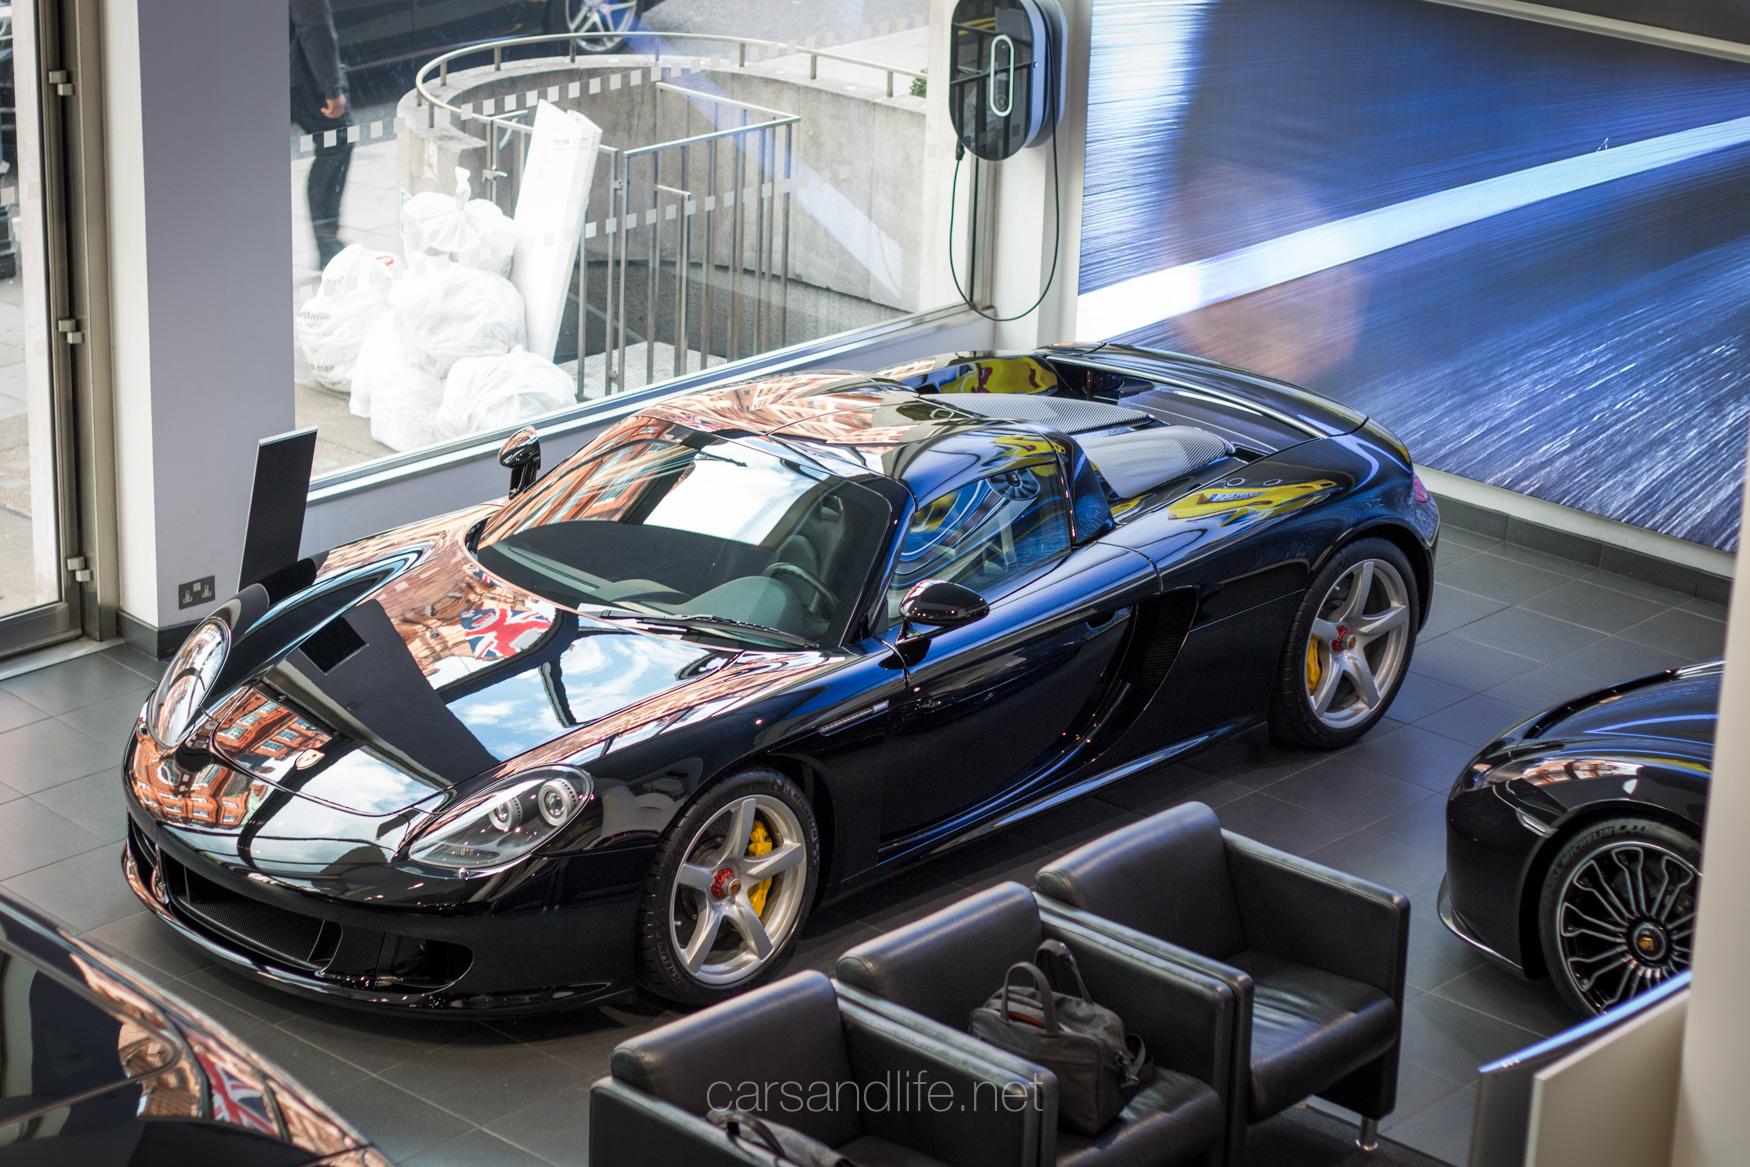 Porsche 918 Spyder And Porsche Carrera Gt In Mayfair London